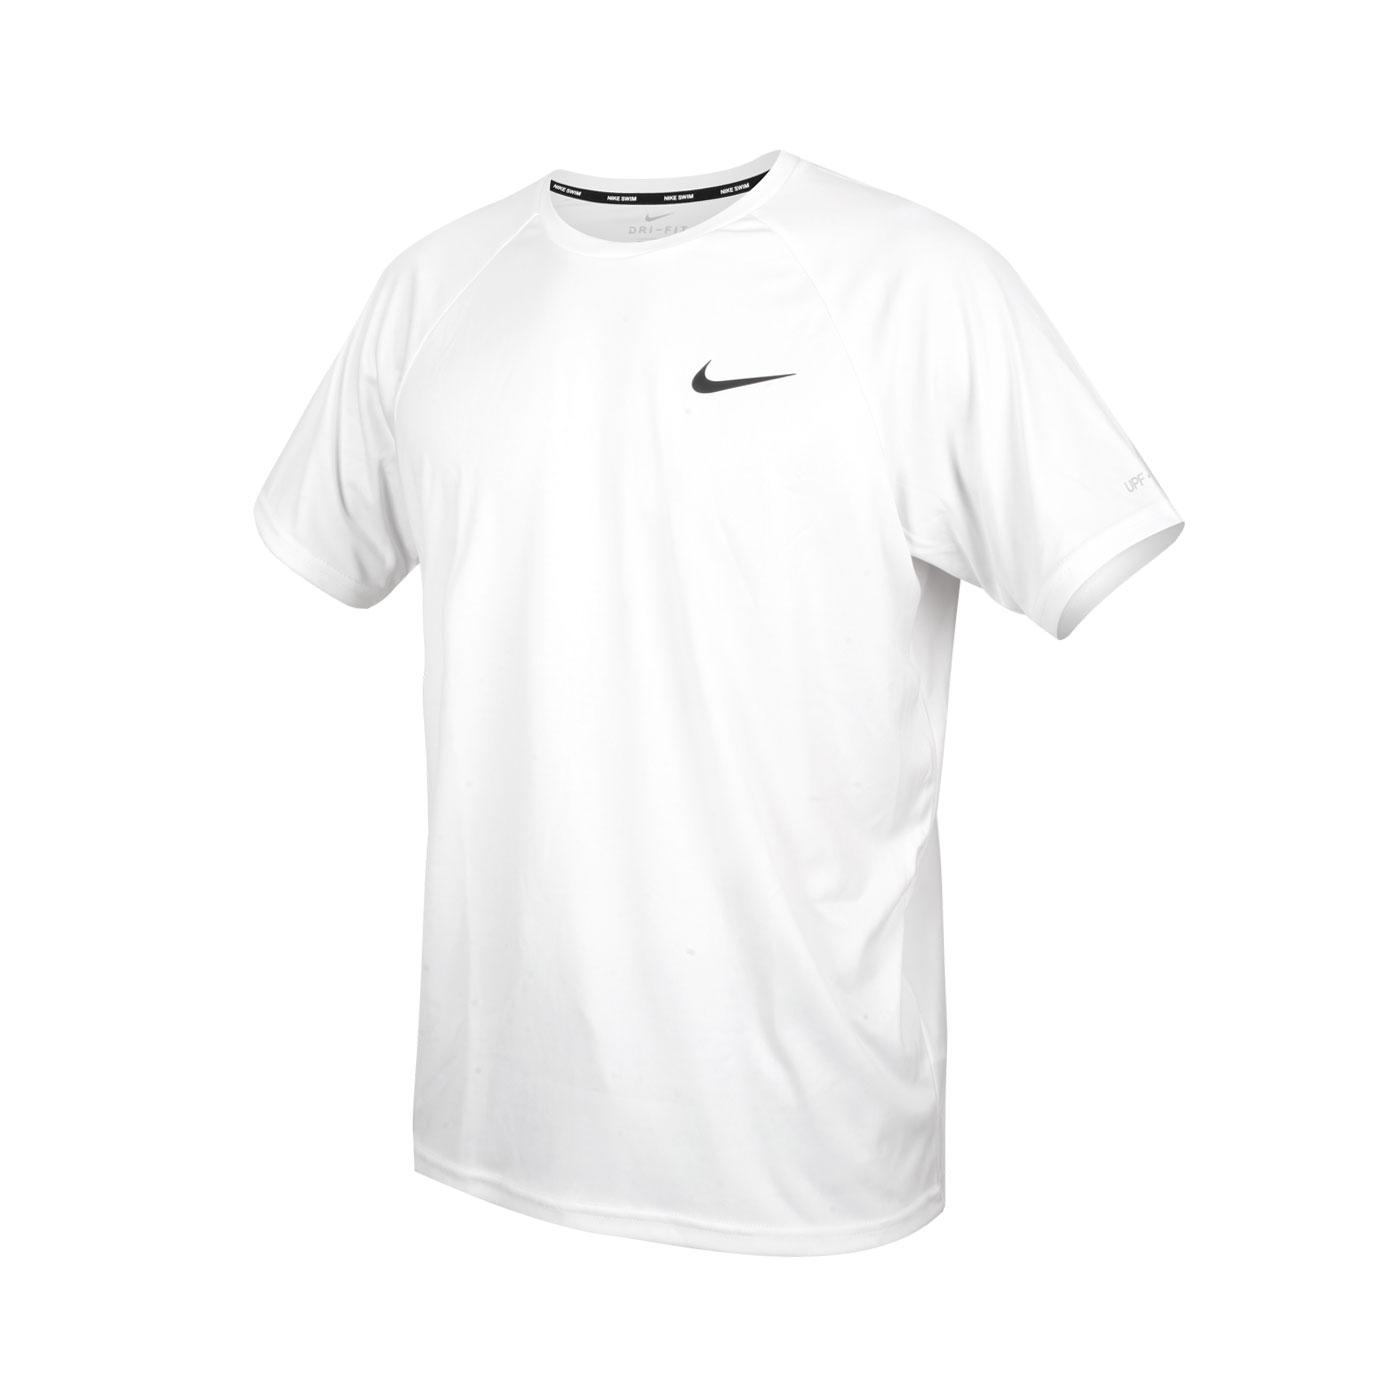 NIKE SWIM 男款短袖防曬T恤 NESSA586-100